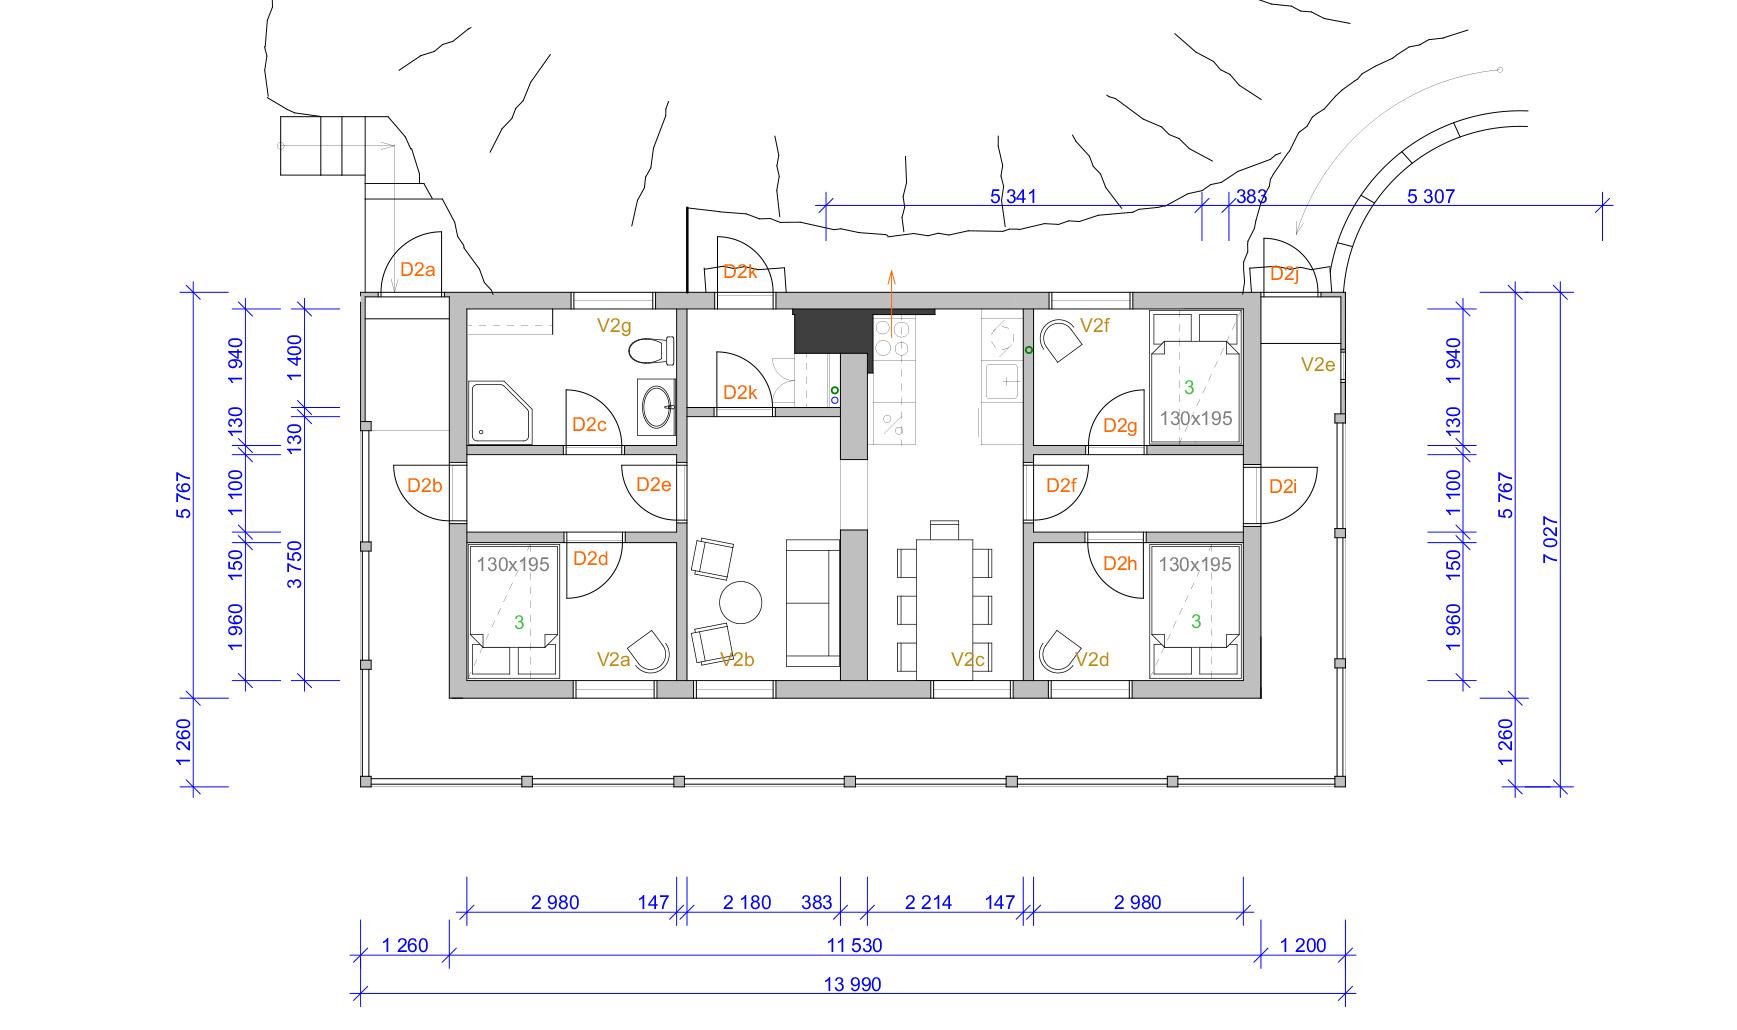 Gjestehuset plantegning 2. etasje. Tegning: Atle J. Goutbeek